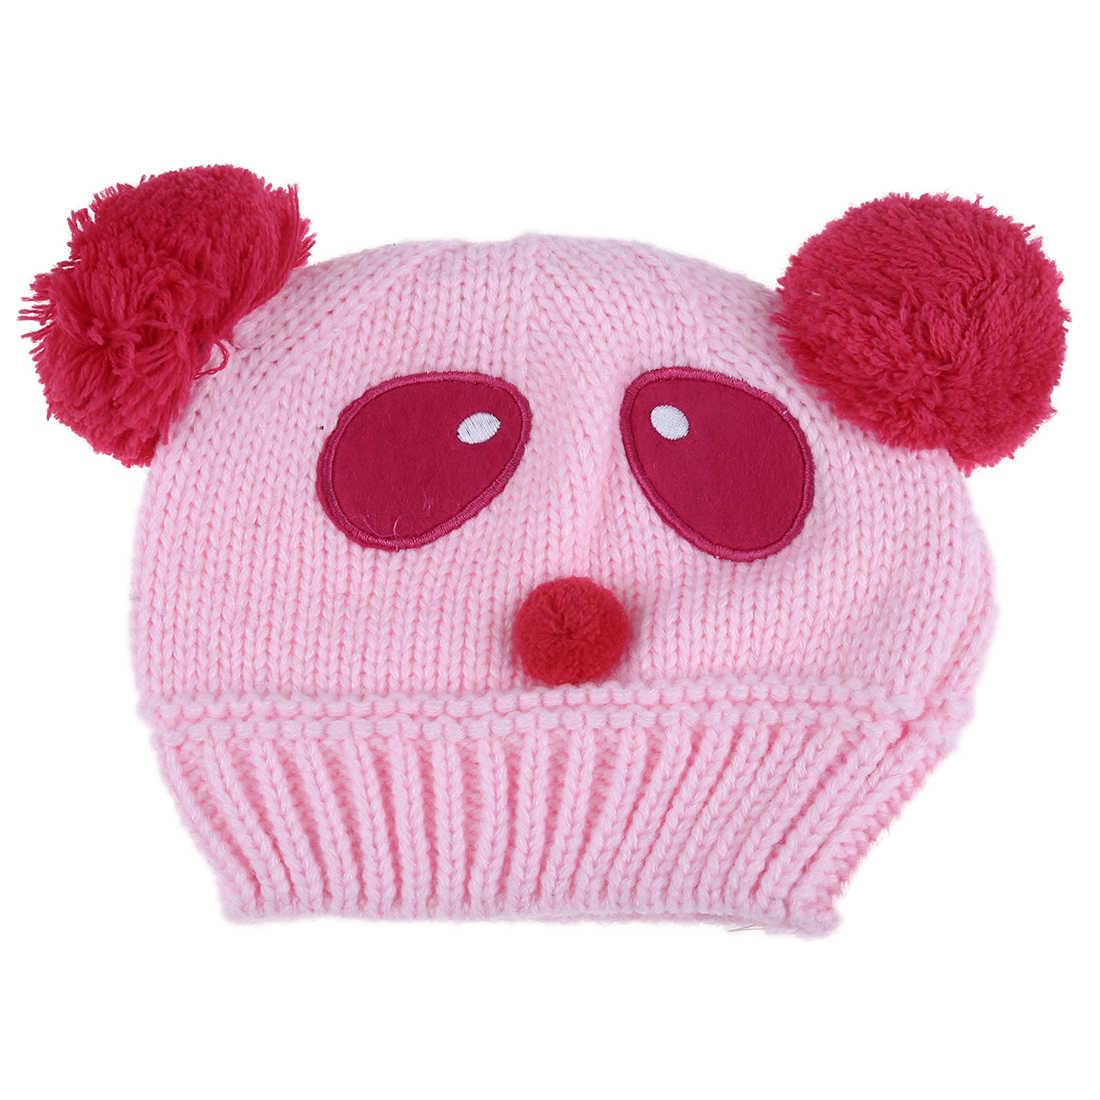 ABWE ที่ดีที่สุดขายเด็กทารกเด็กถักหมวกฤดูหนาว Warm หมวกสีเบจ